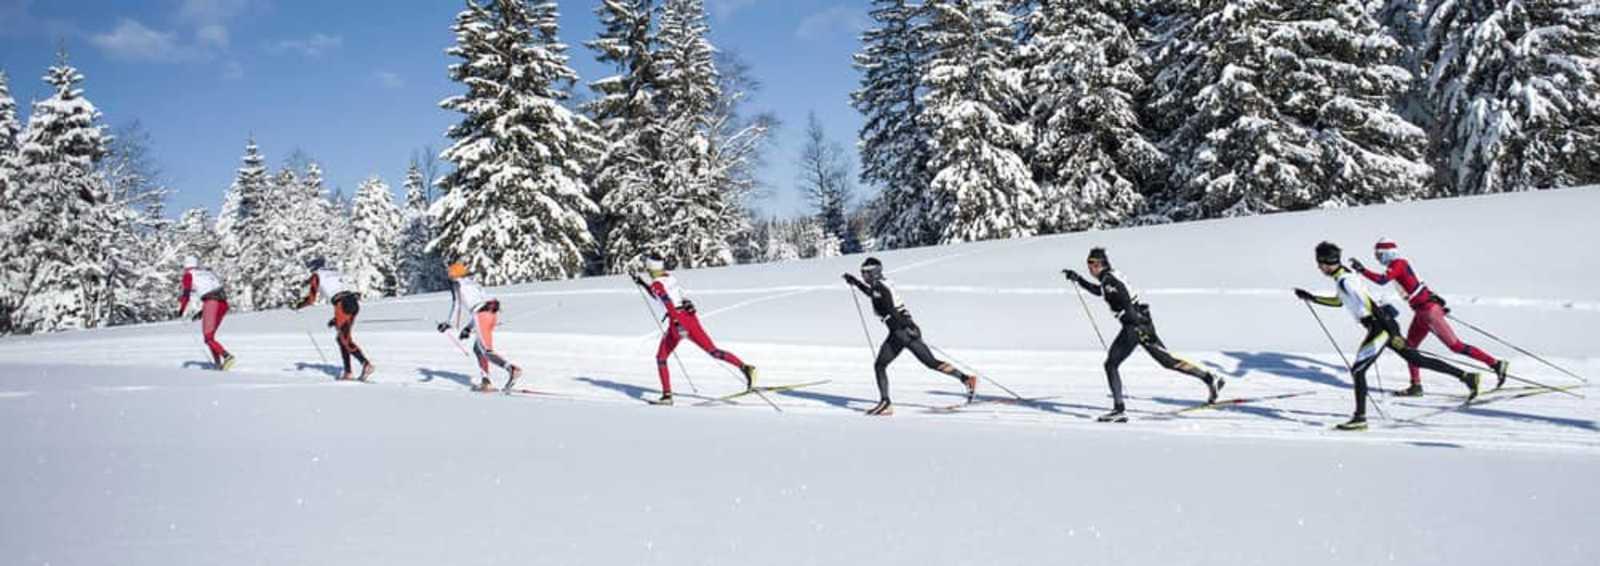 Transjurassienne ski race, France